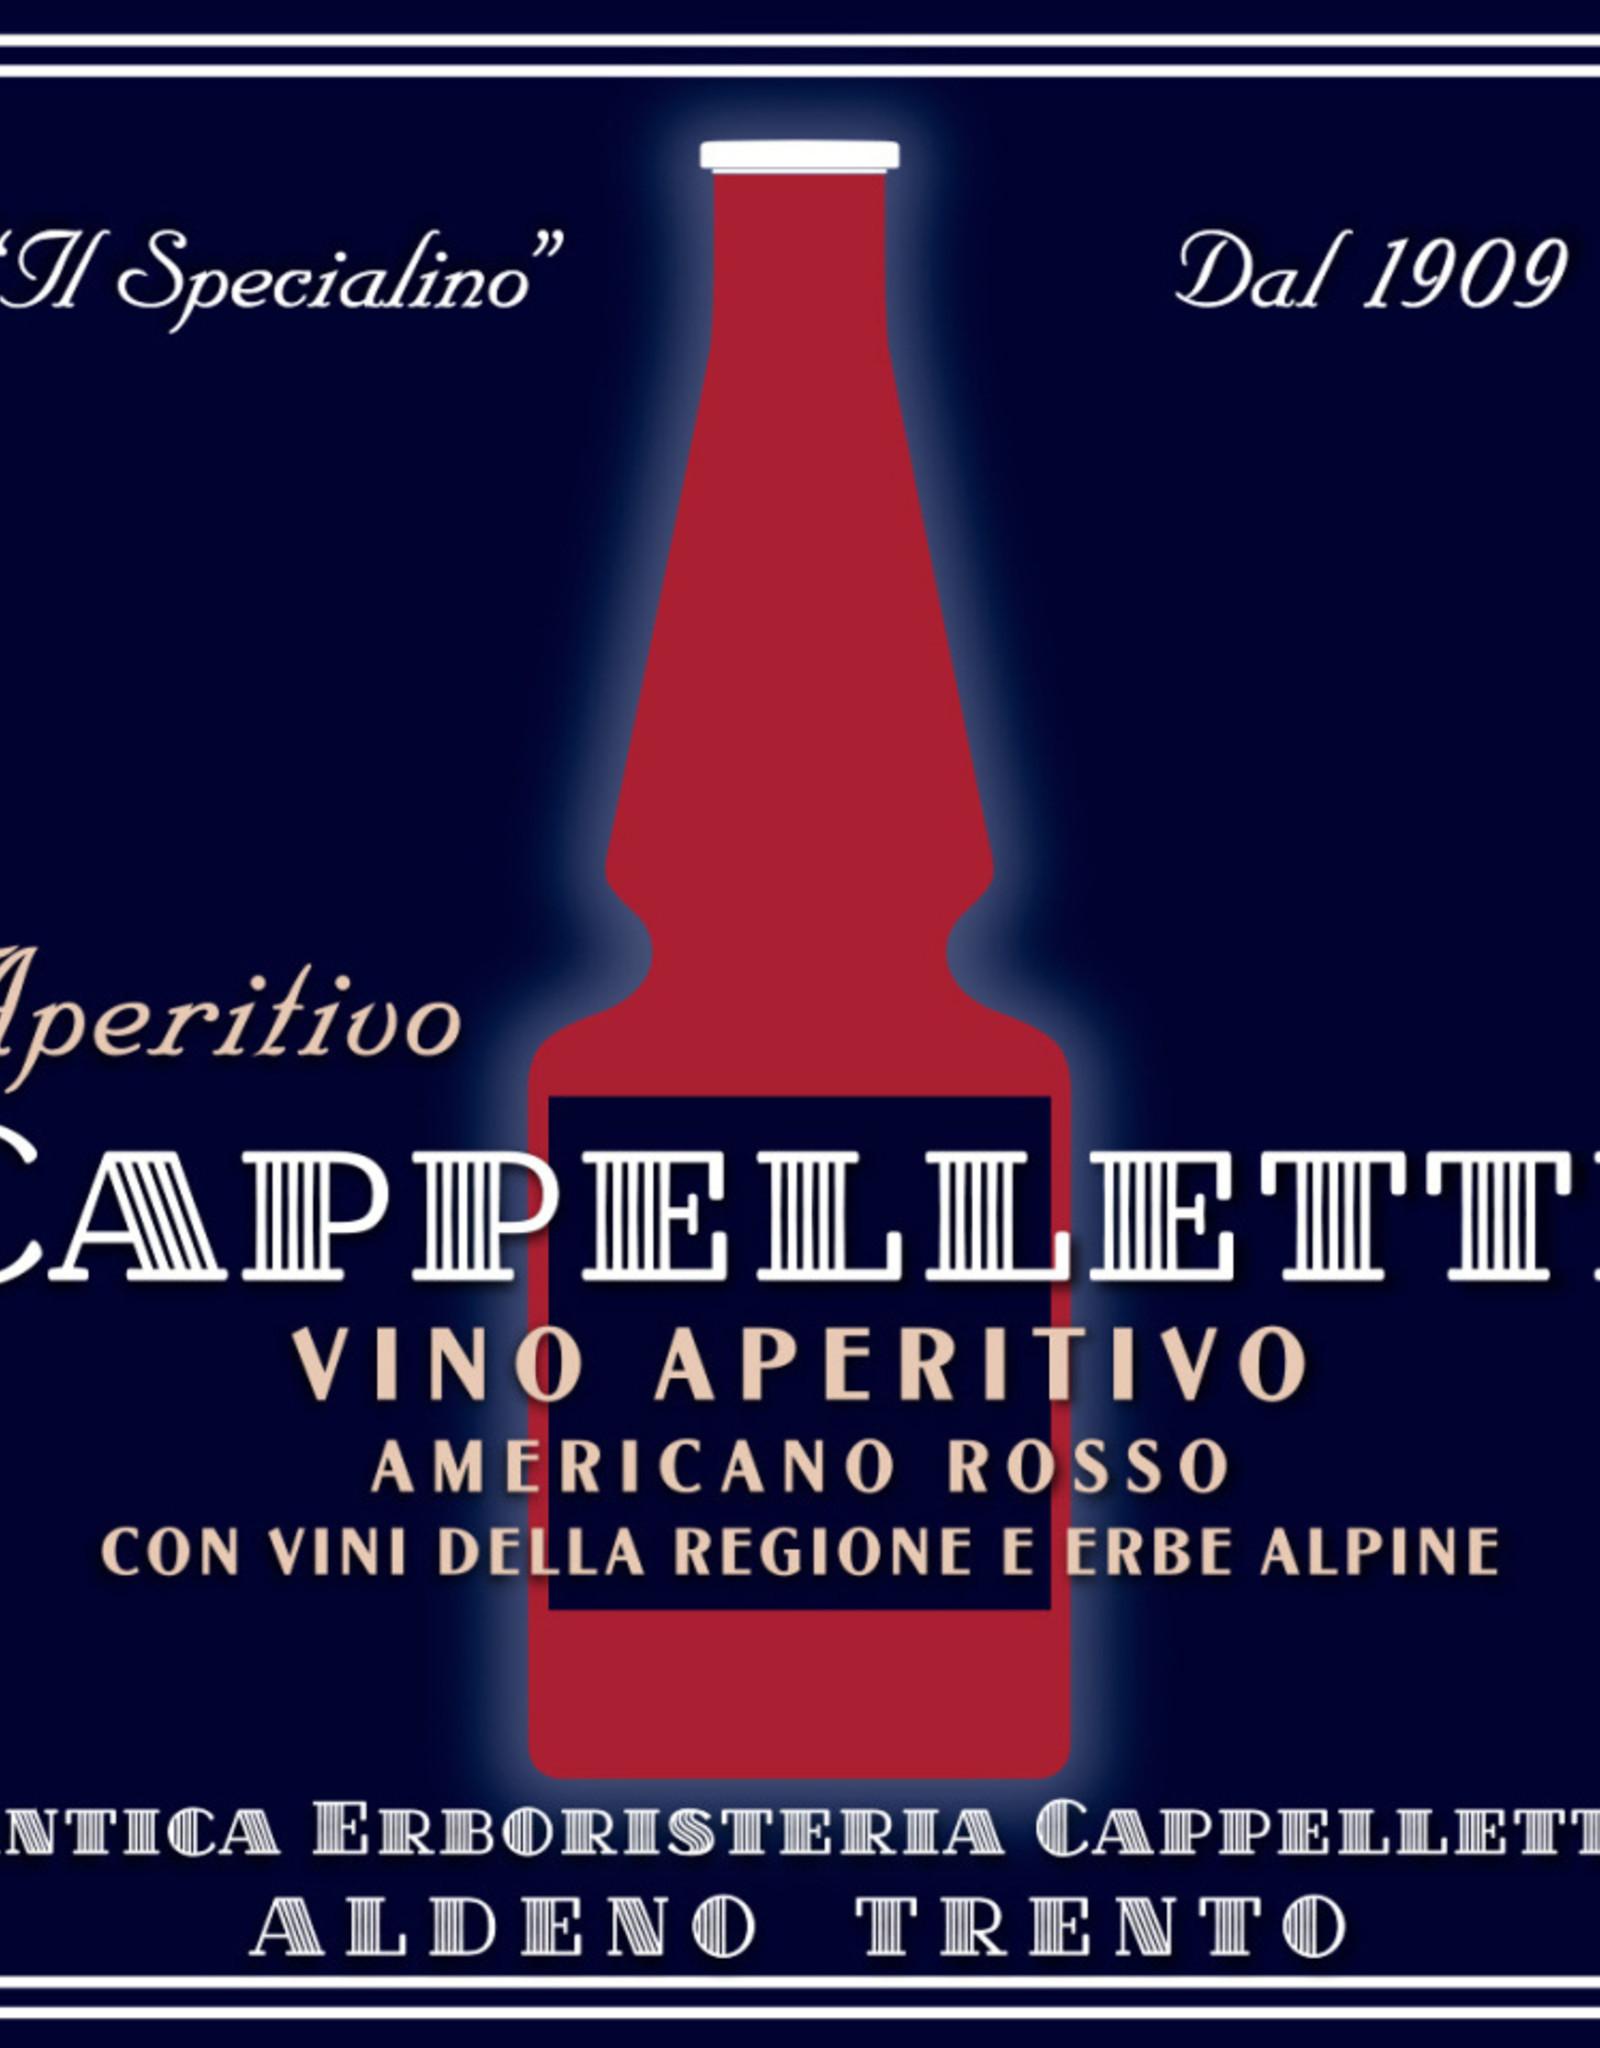 Cappelletti Vino Aperitivo